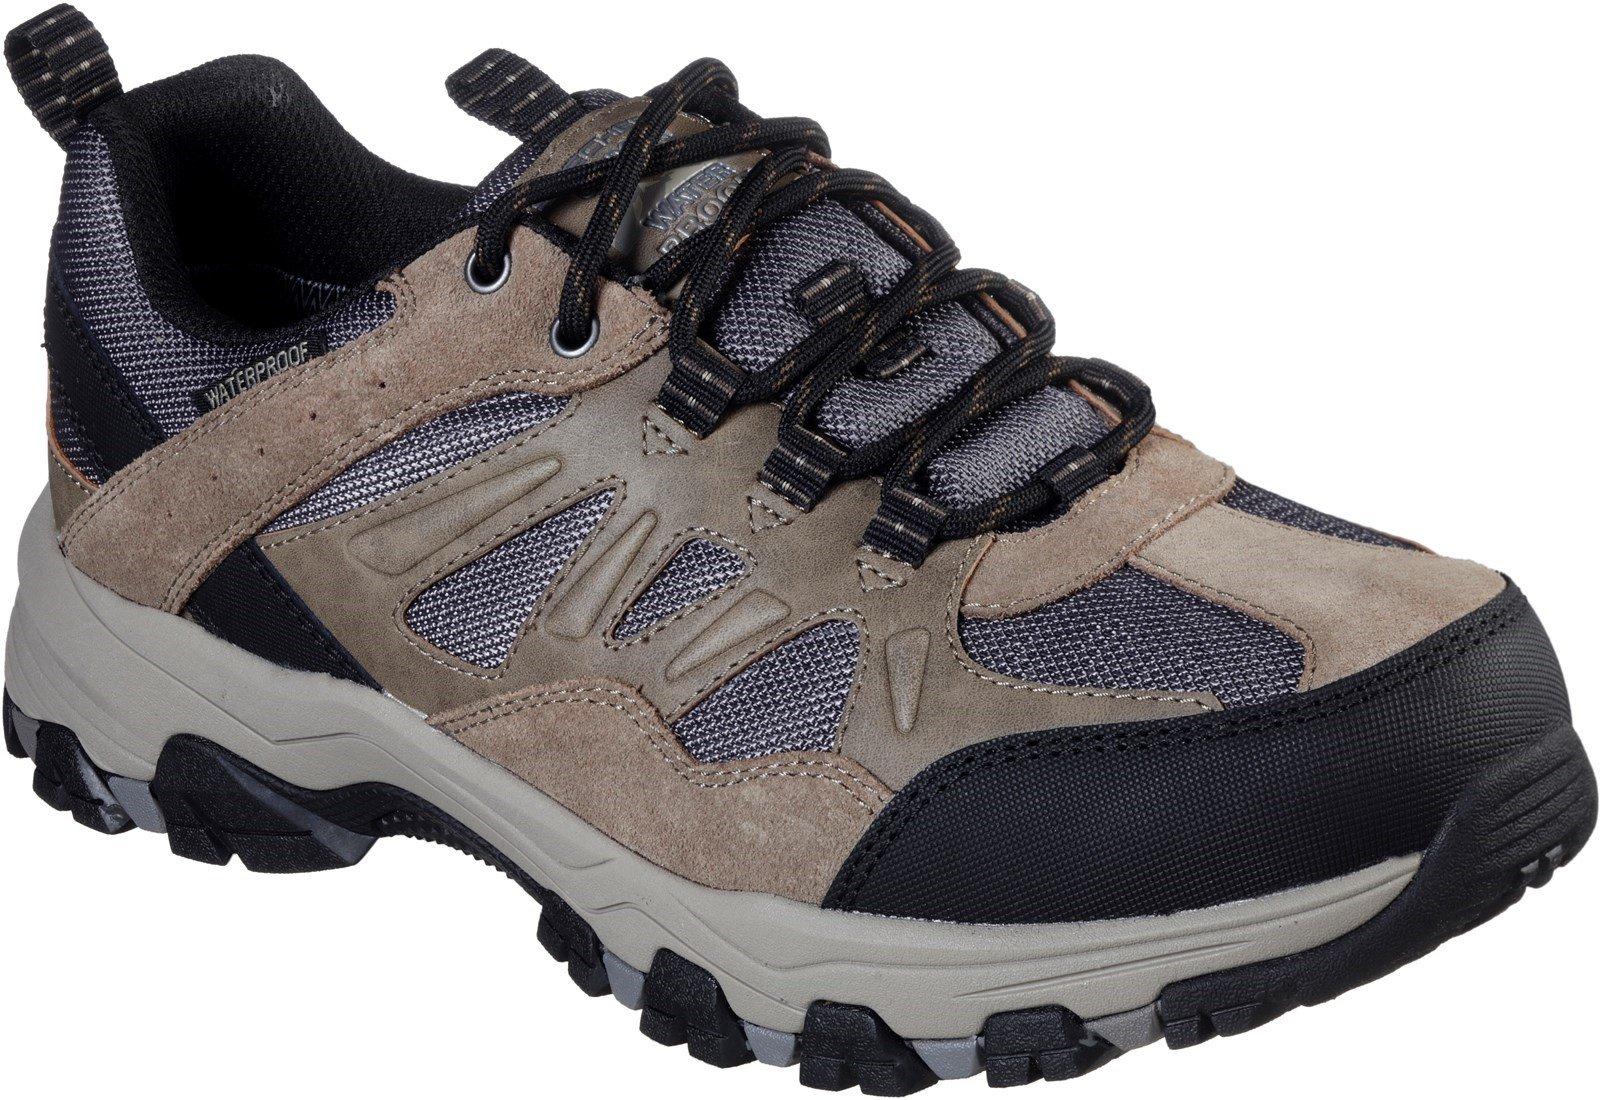 Skechers Men's Selmen Enago Lace Trainer Various Colours 31110 - Tan 6